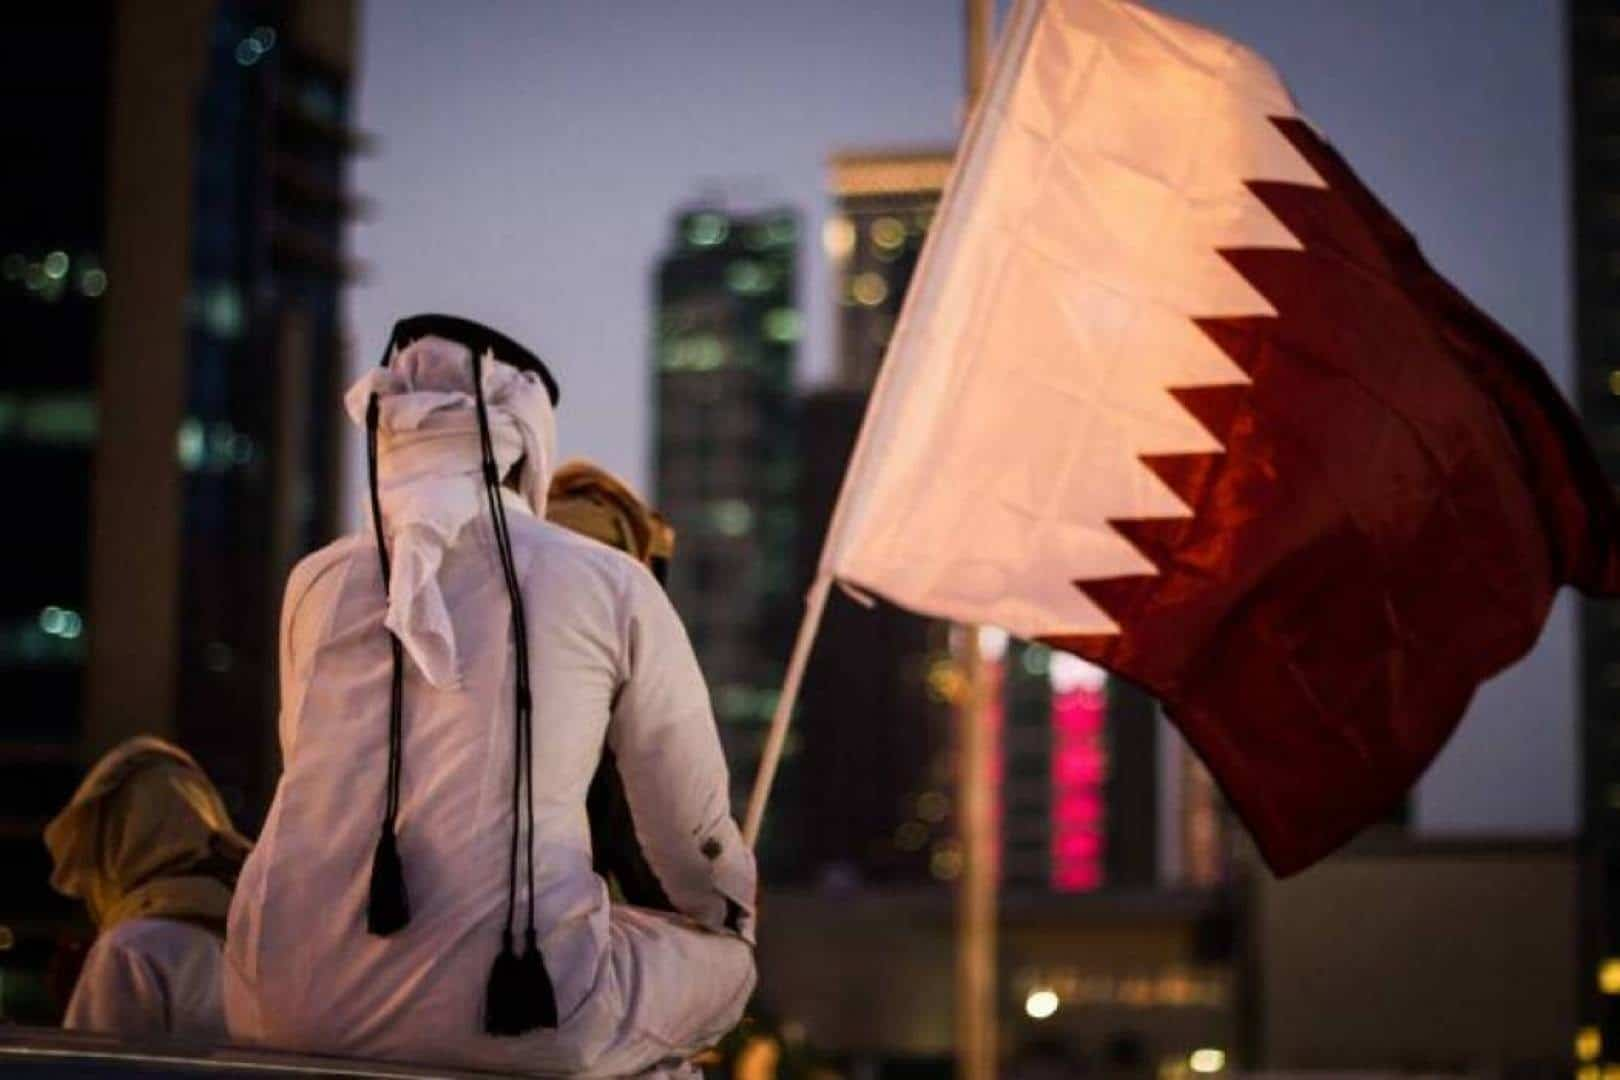 استياء شعبي في قطر لتواجد مسؤولة إسرائيلية في الدوحة.. ما سبب حضورها رغم الرفض القطري لصفقة القرن؟